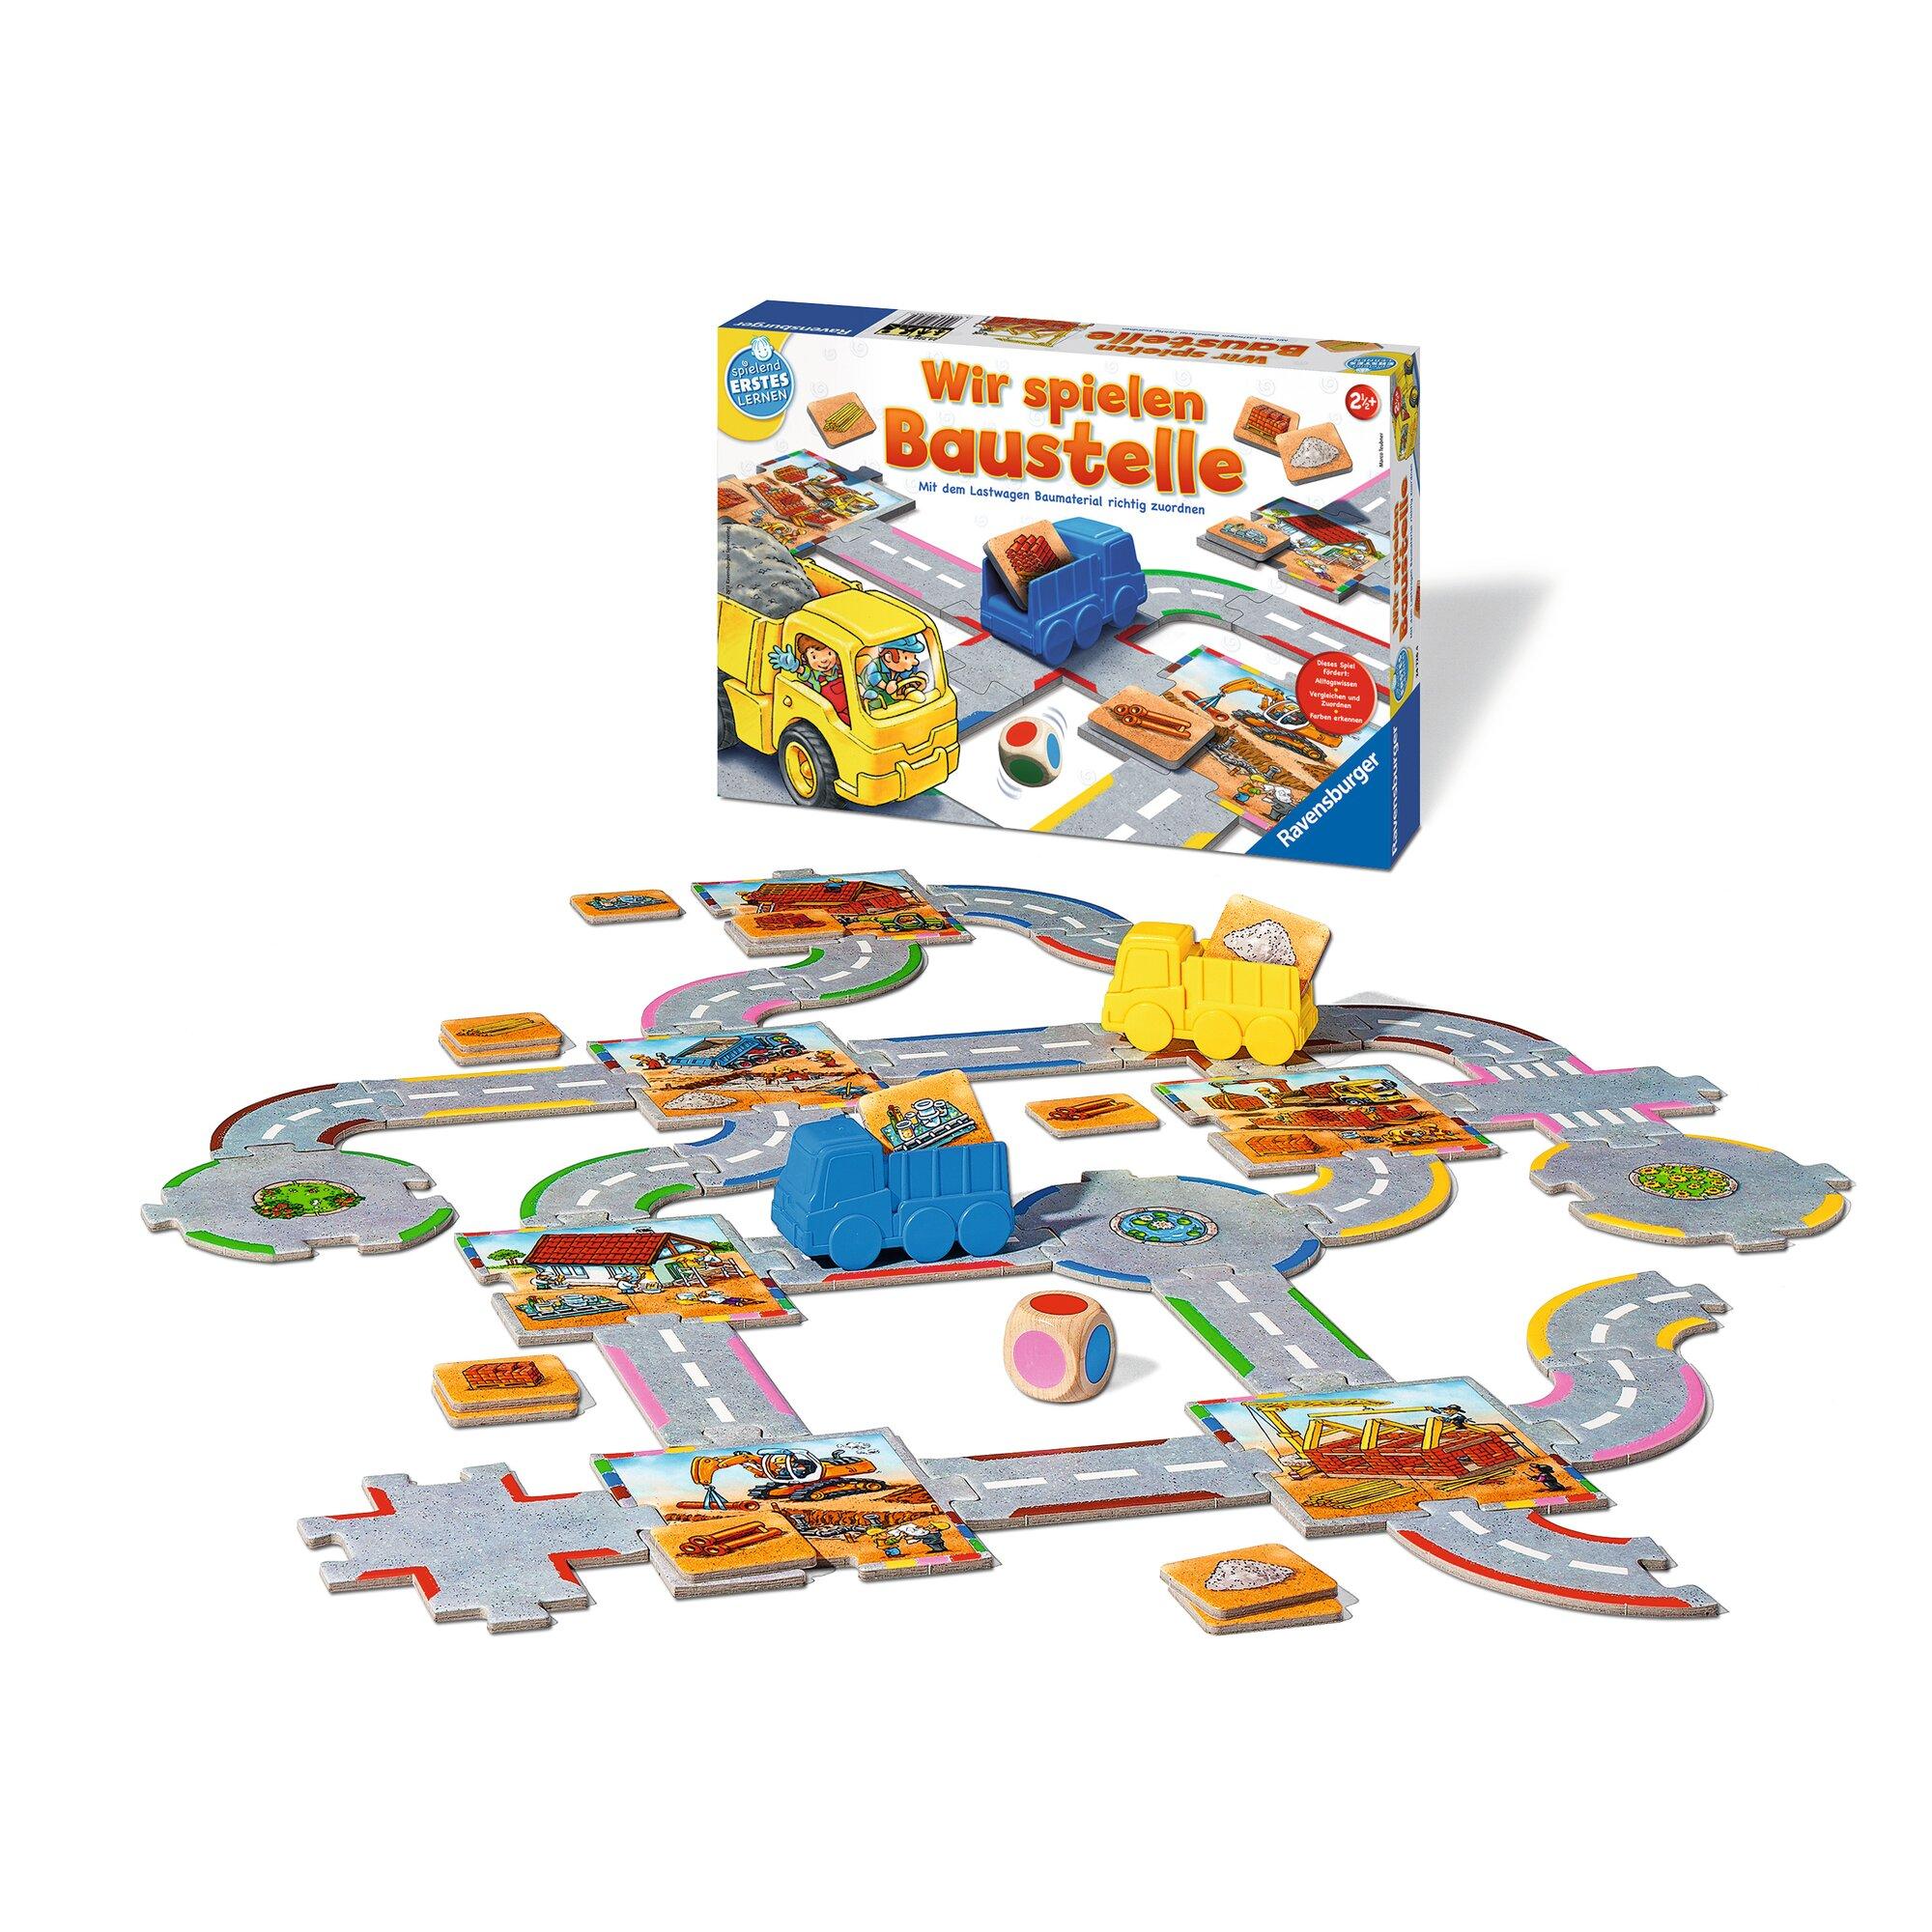 ravensburger-wir-spielen-baustelle-farbzuordnungsspiel